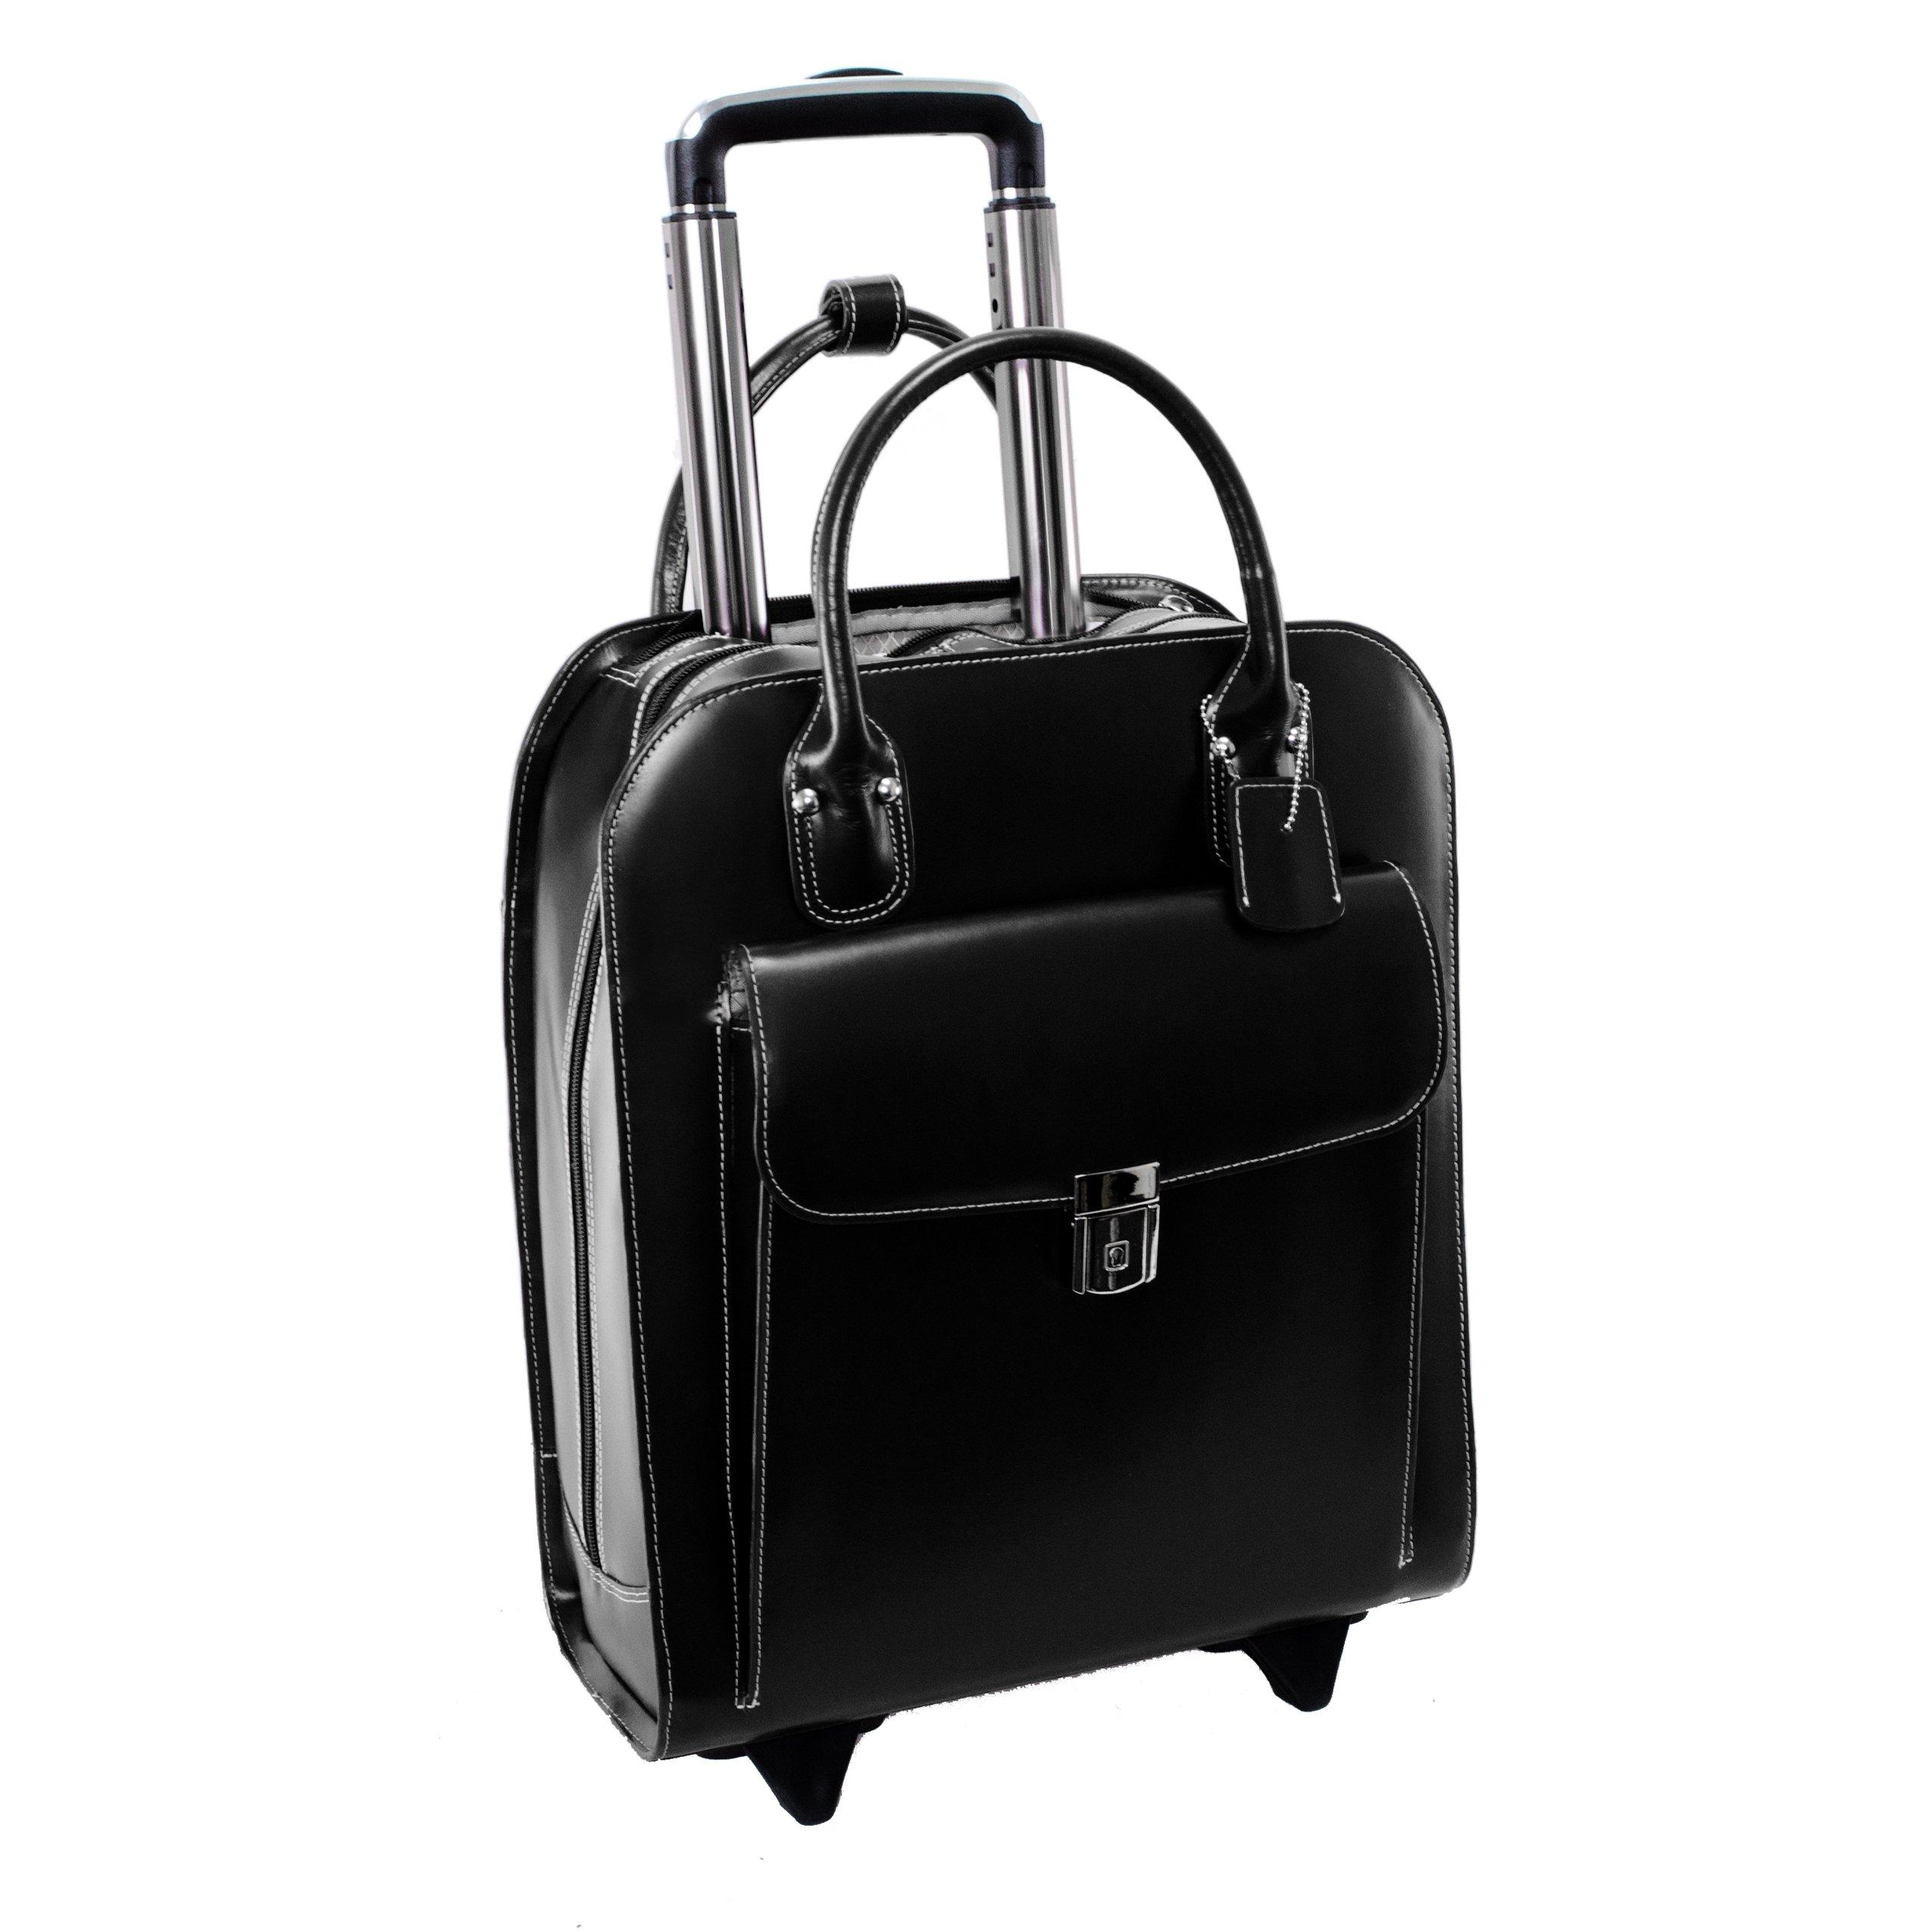 McKlein USA Uptown Black 15.6'' Leather Vertical Wheeled Ladies' Briefcase (97695)